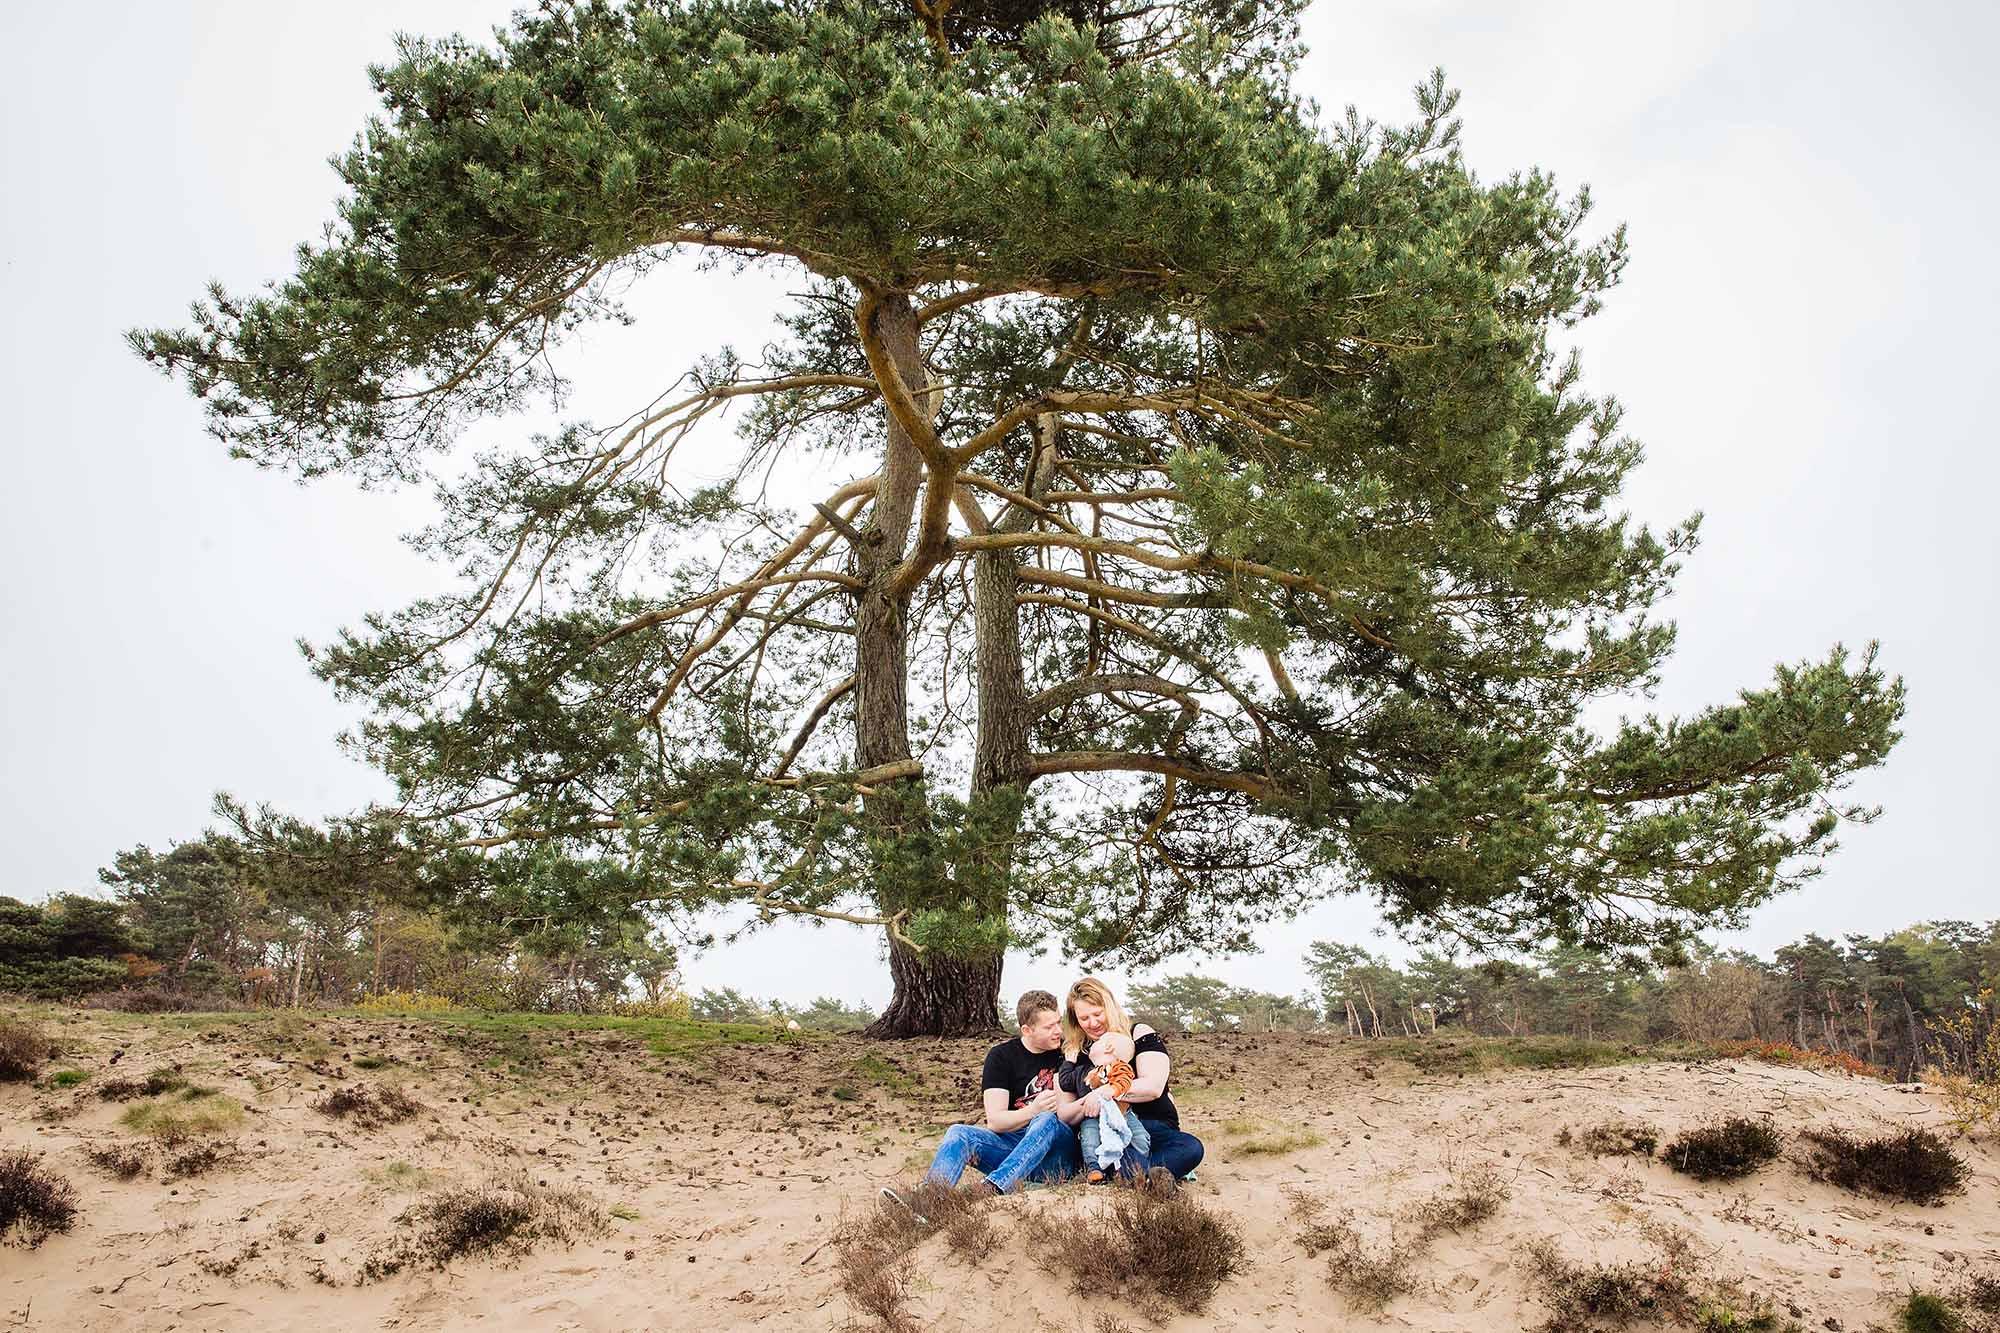 familiefotograaf amsterdam familiefotografie minishoot